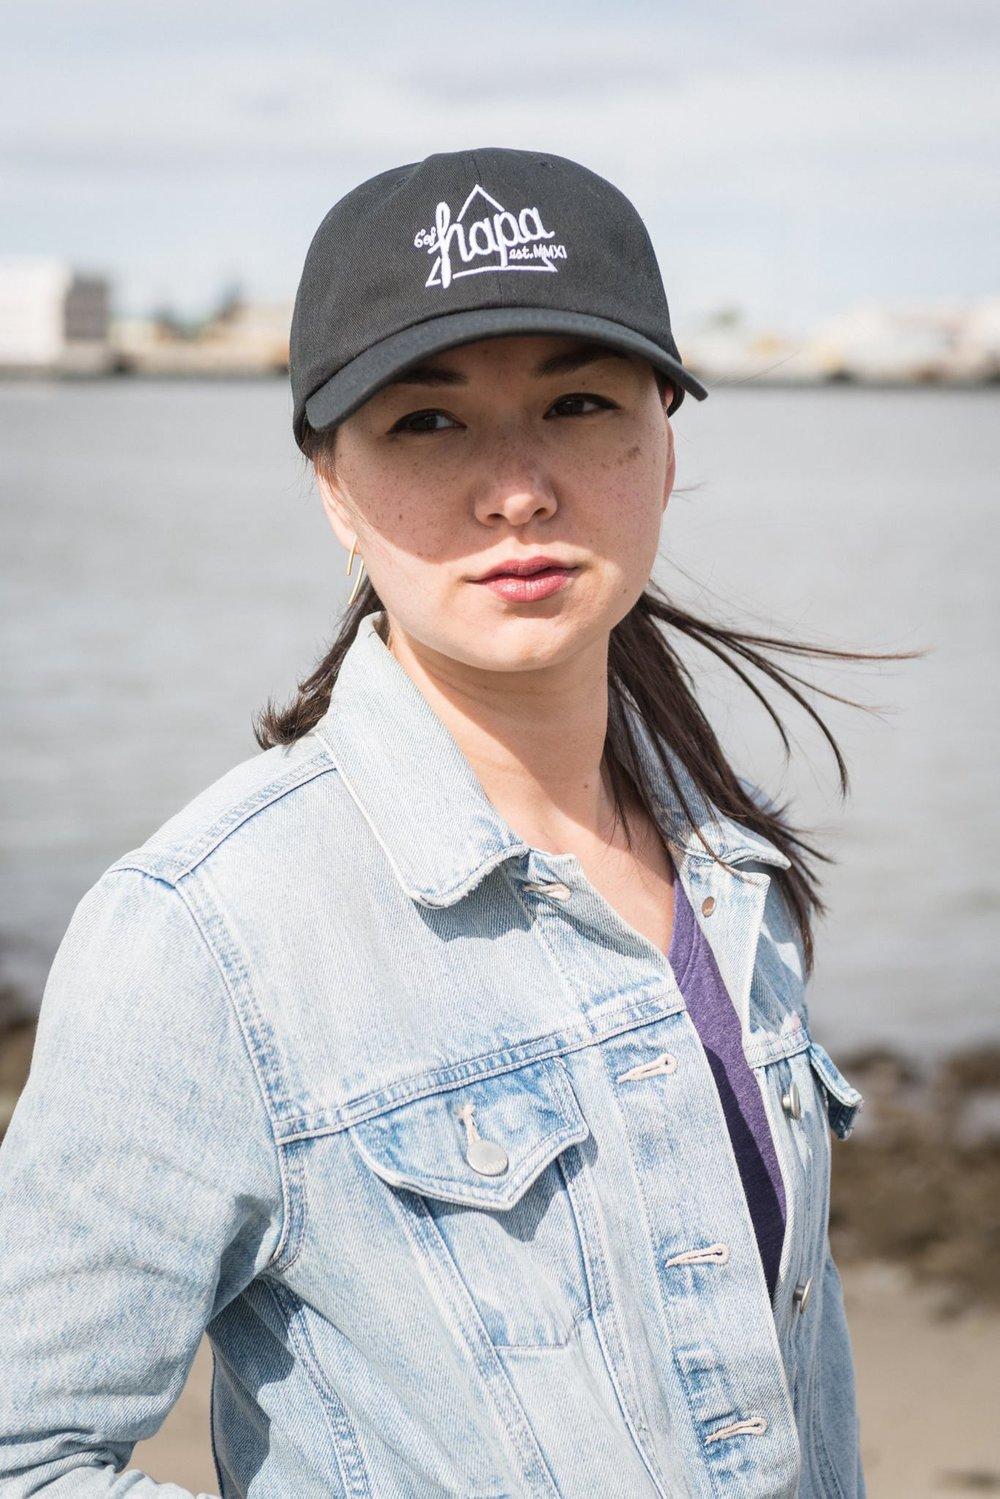 IMG_3127 - Naomi Takata Shepherd.JPG